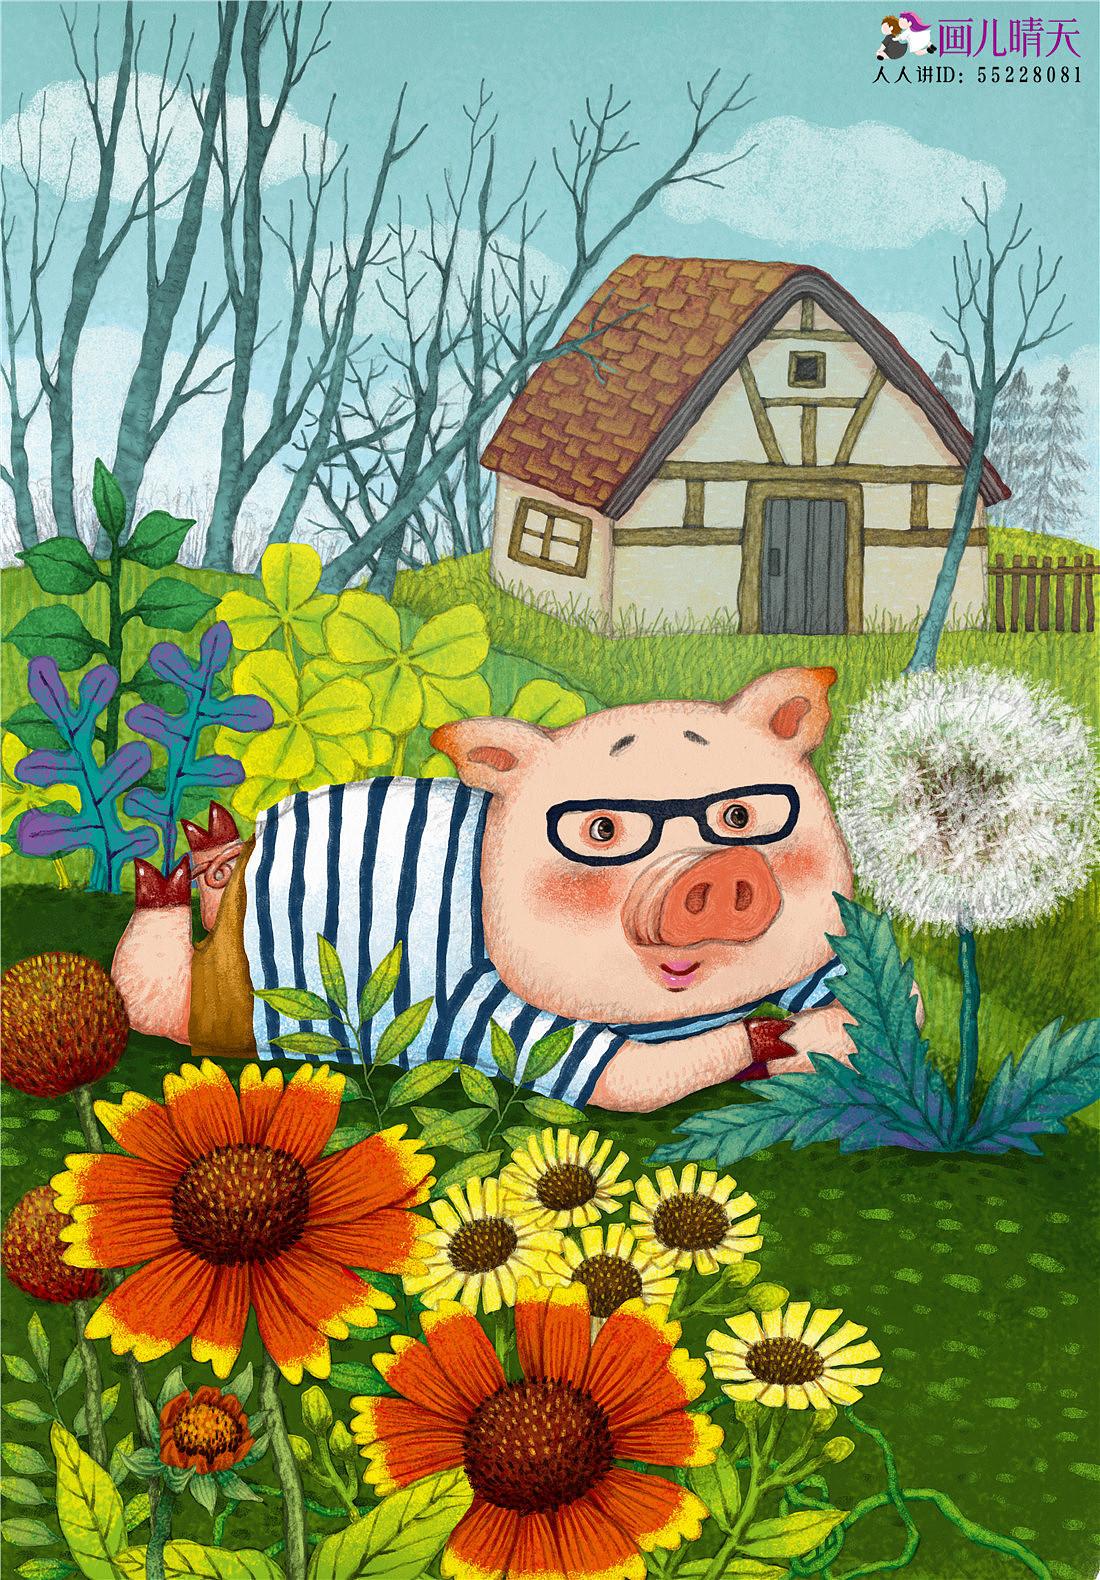 猪年插画+猪年水墨画+猪年猪猪元素作品图片